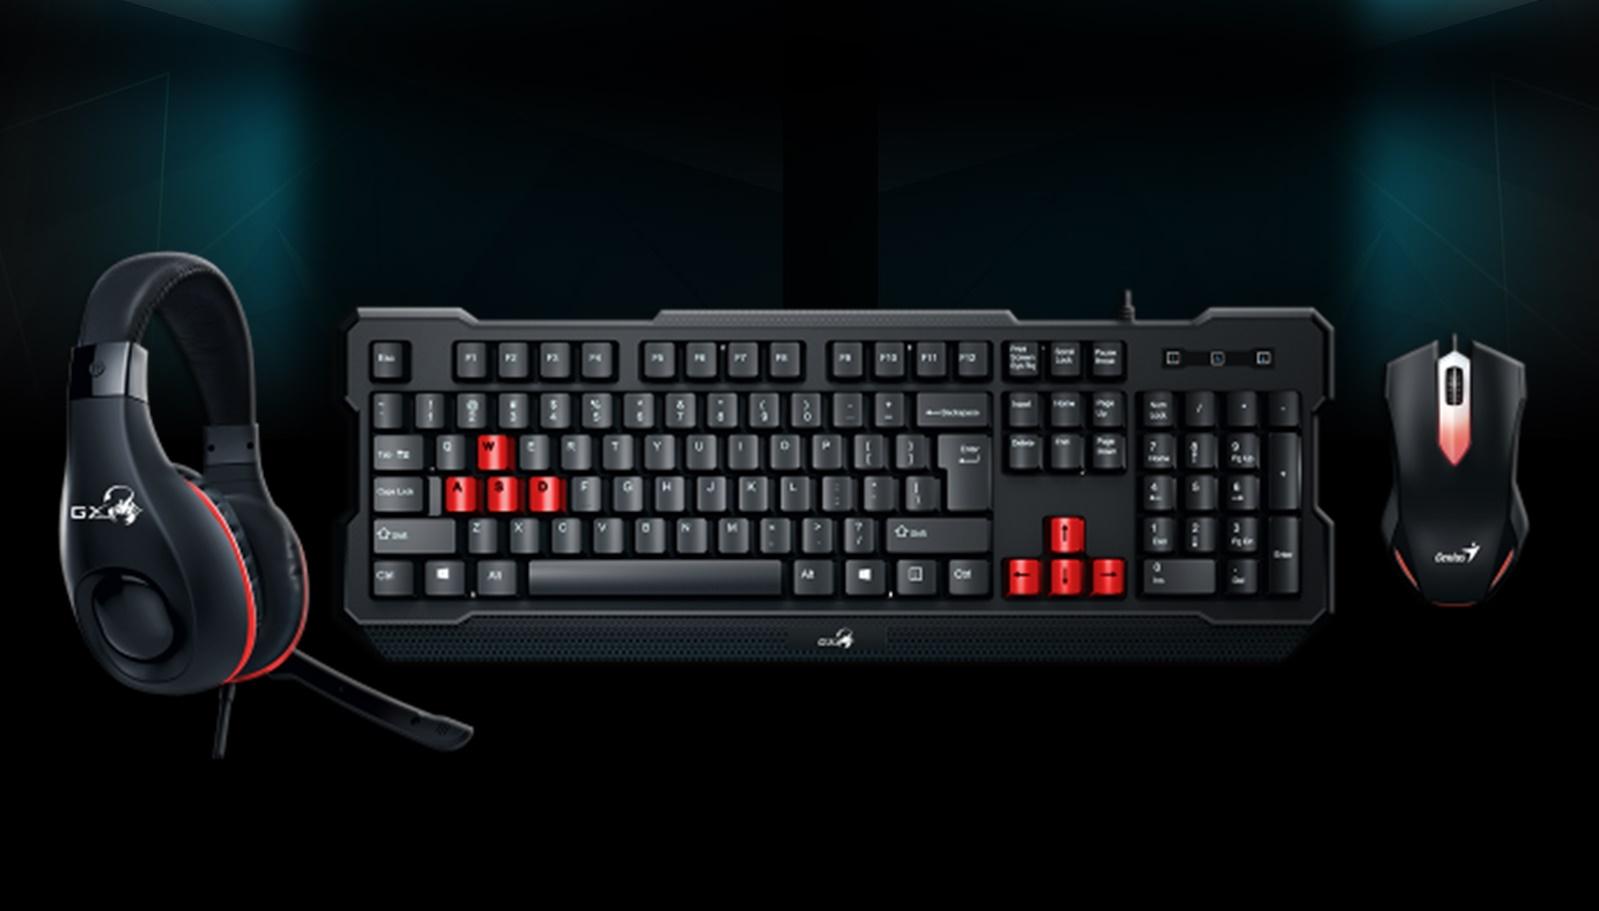 Genius KMH-200 Gaming combo